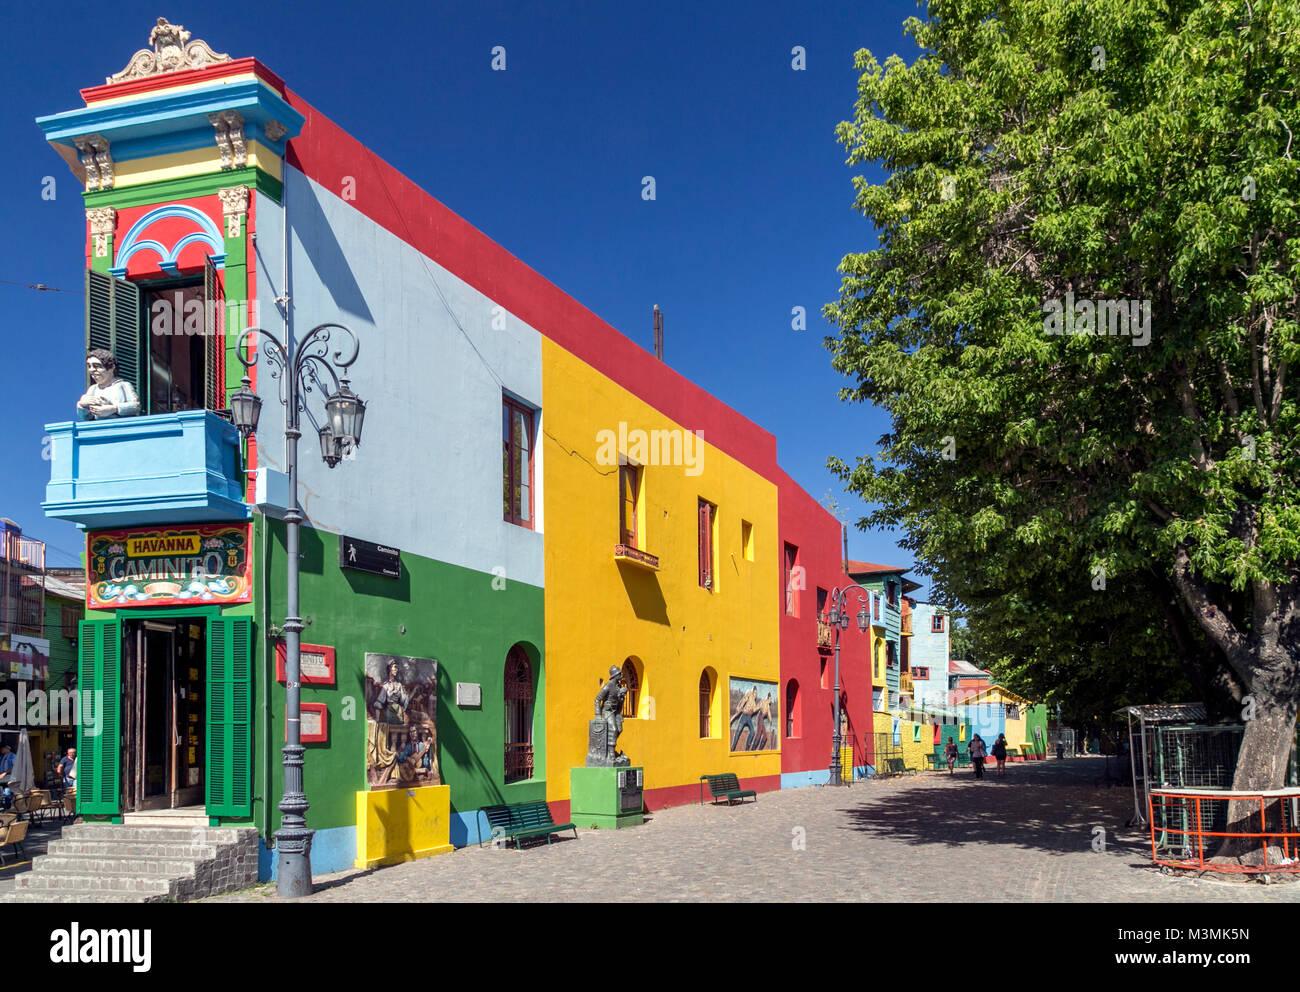 Caminito, La Boca. Buenos Aires, Argentina Imagen De Stock